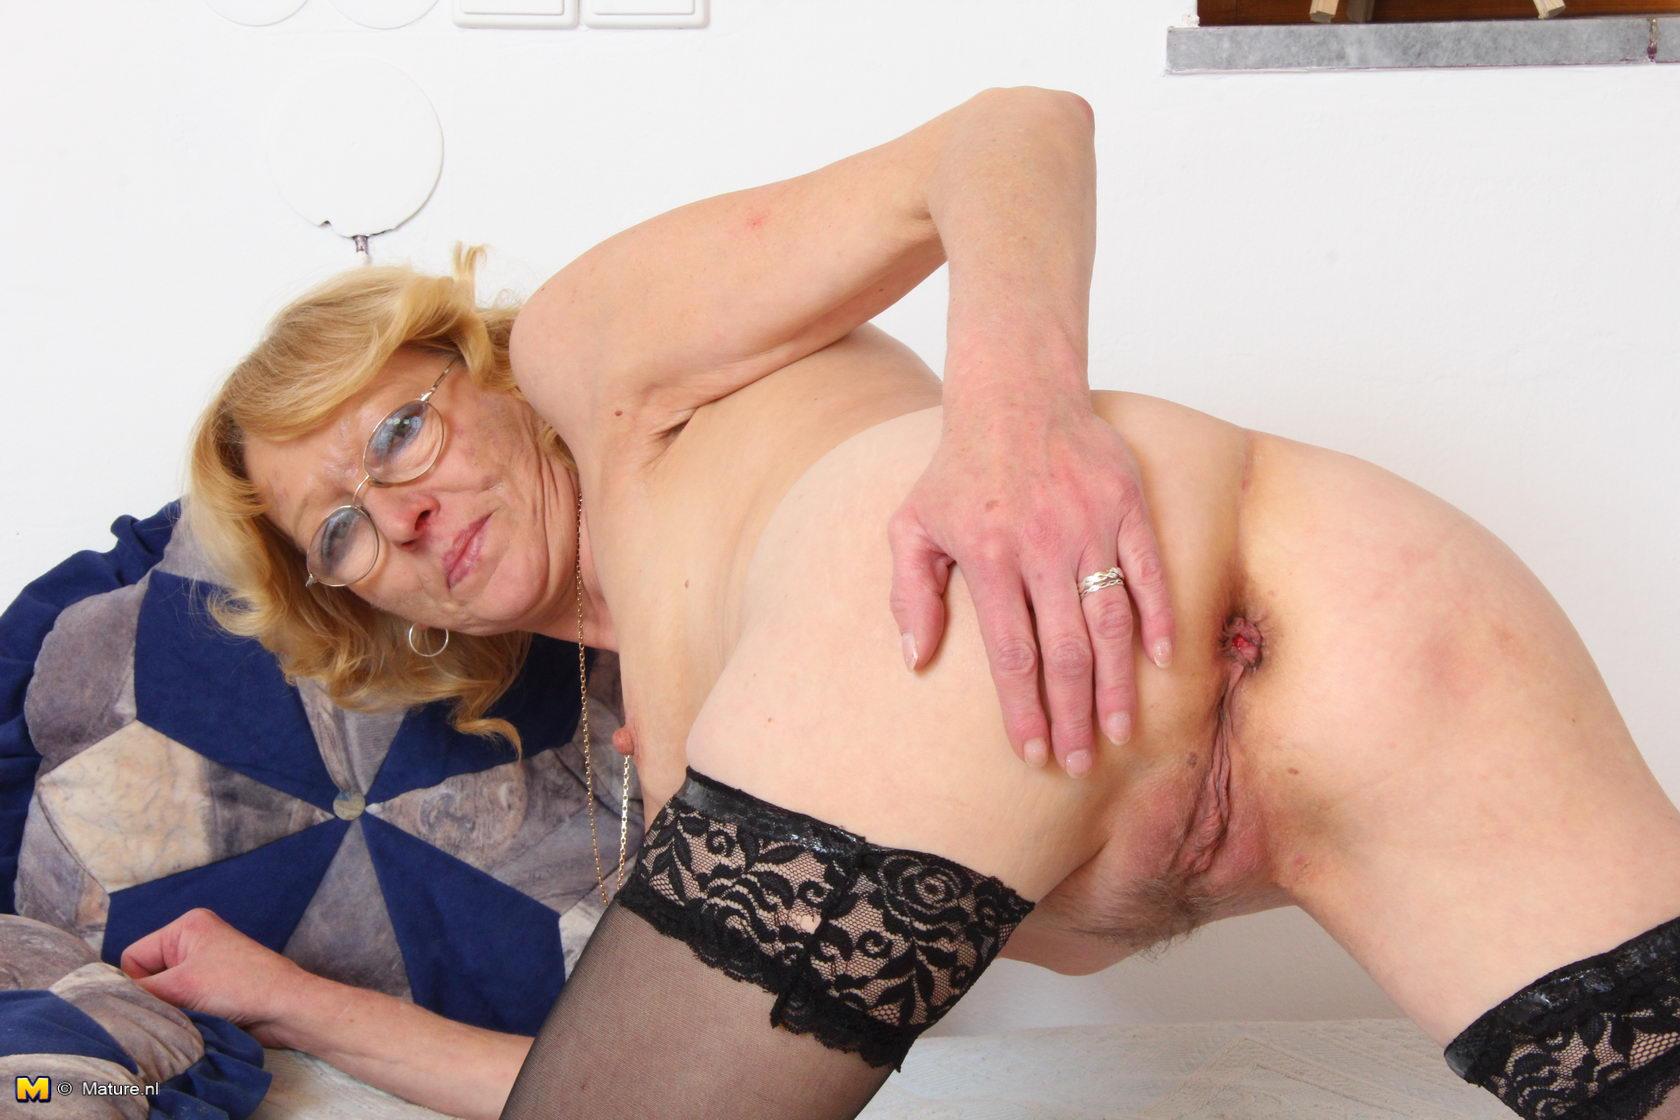 Трахать бабушек в жопу фото 23 фотография